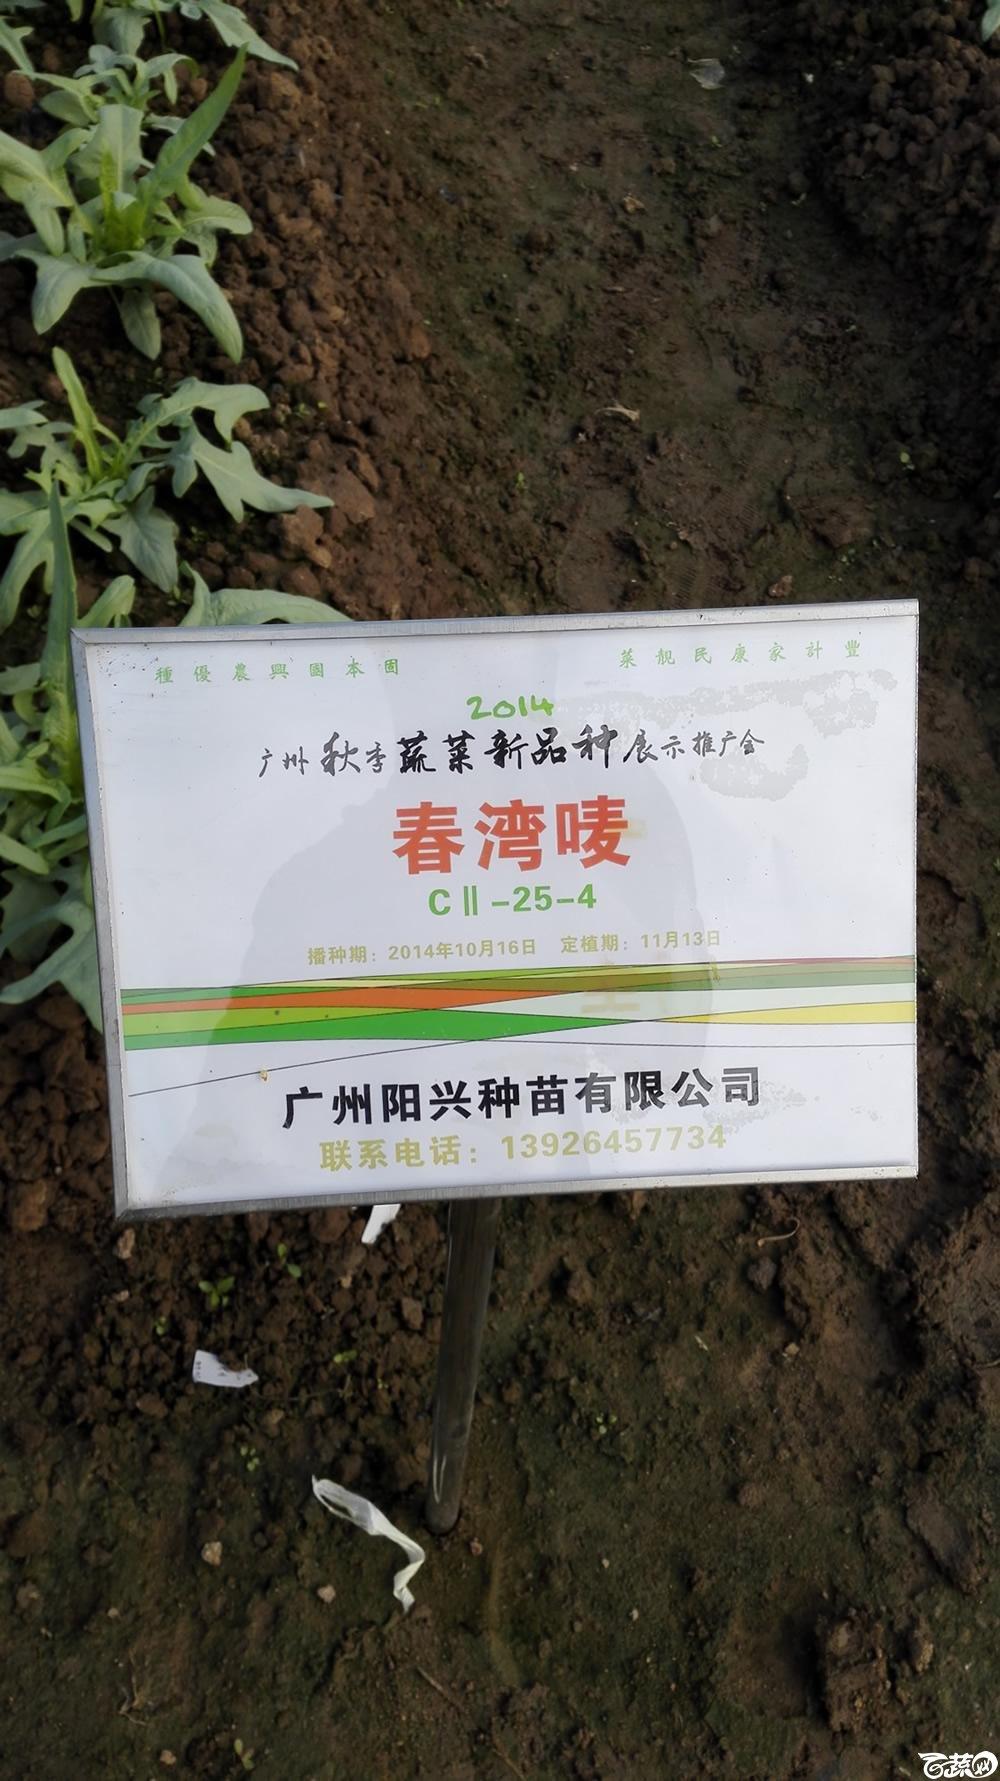 2014年12月10号广州市农科院南沙秋季蔬菜新品种展示会_叶菜_226.jpg